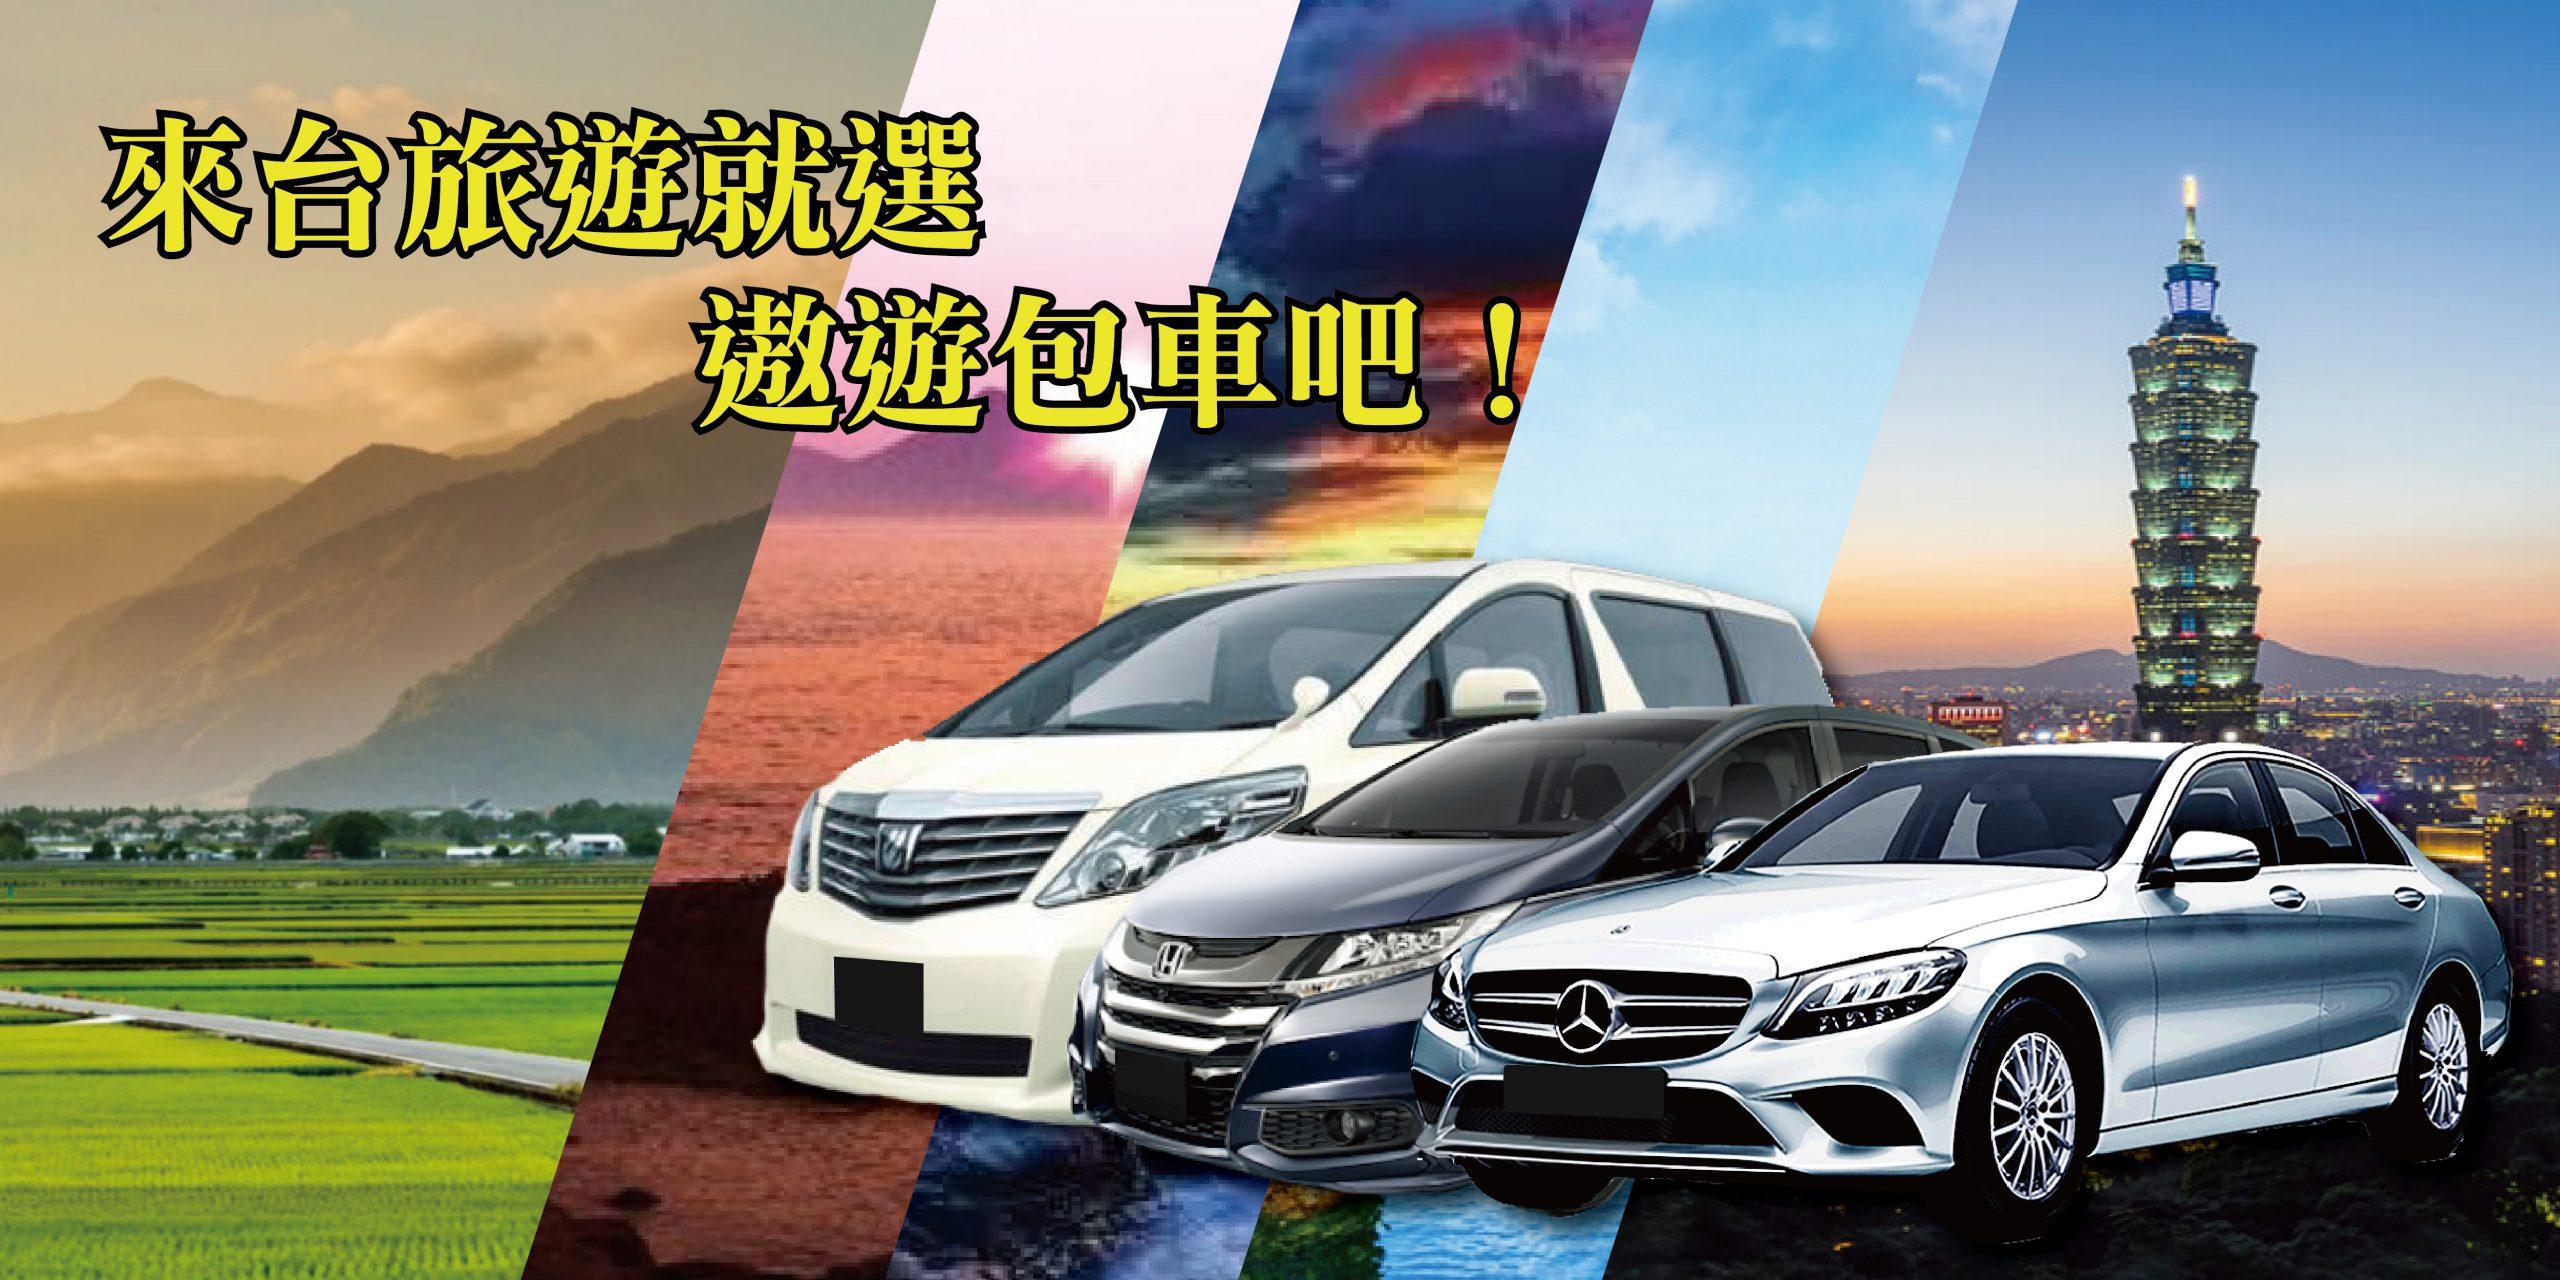 包車,包車旅遊,台北包車,包車推薦,包車價格